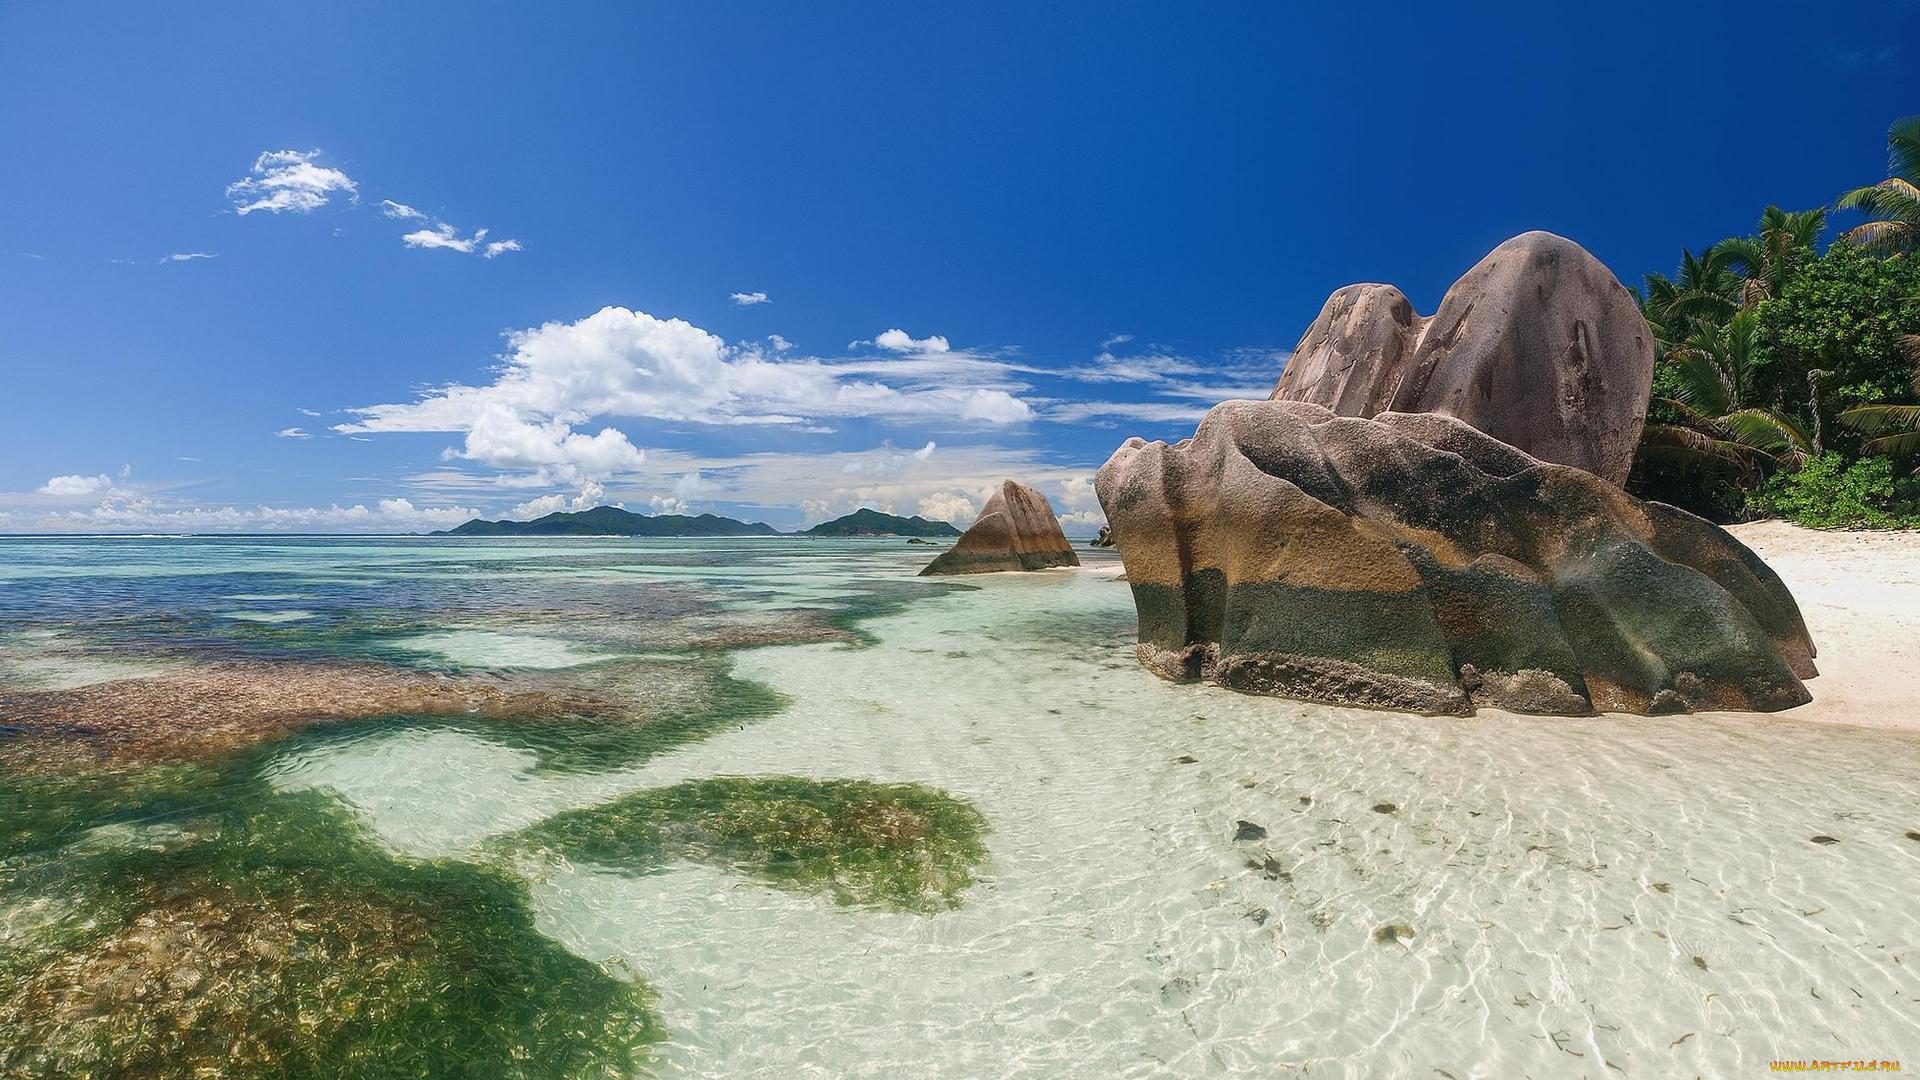 берег камни пальмы shore stones palm trees загрузить